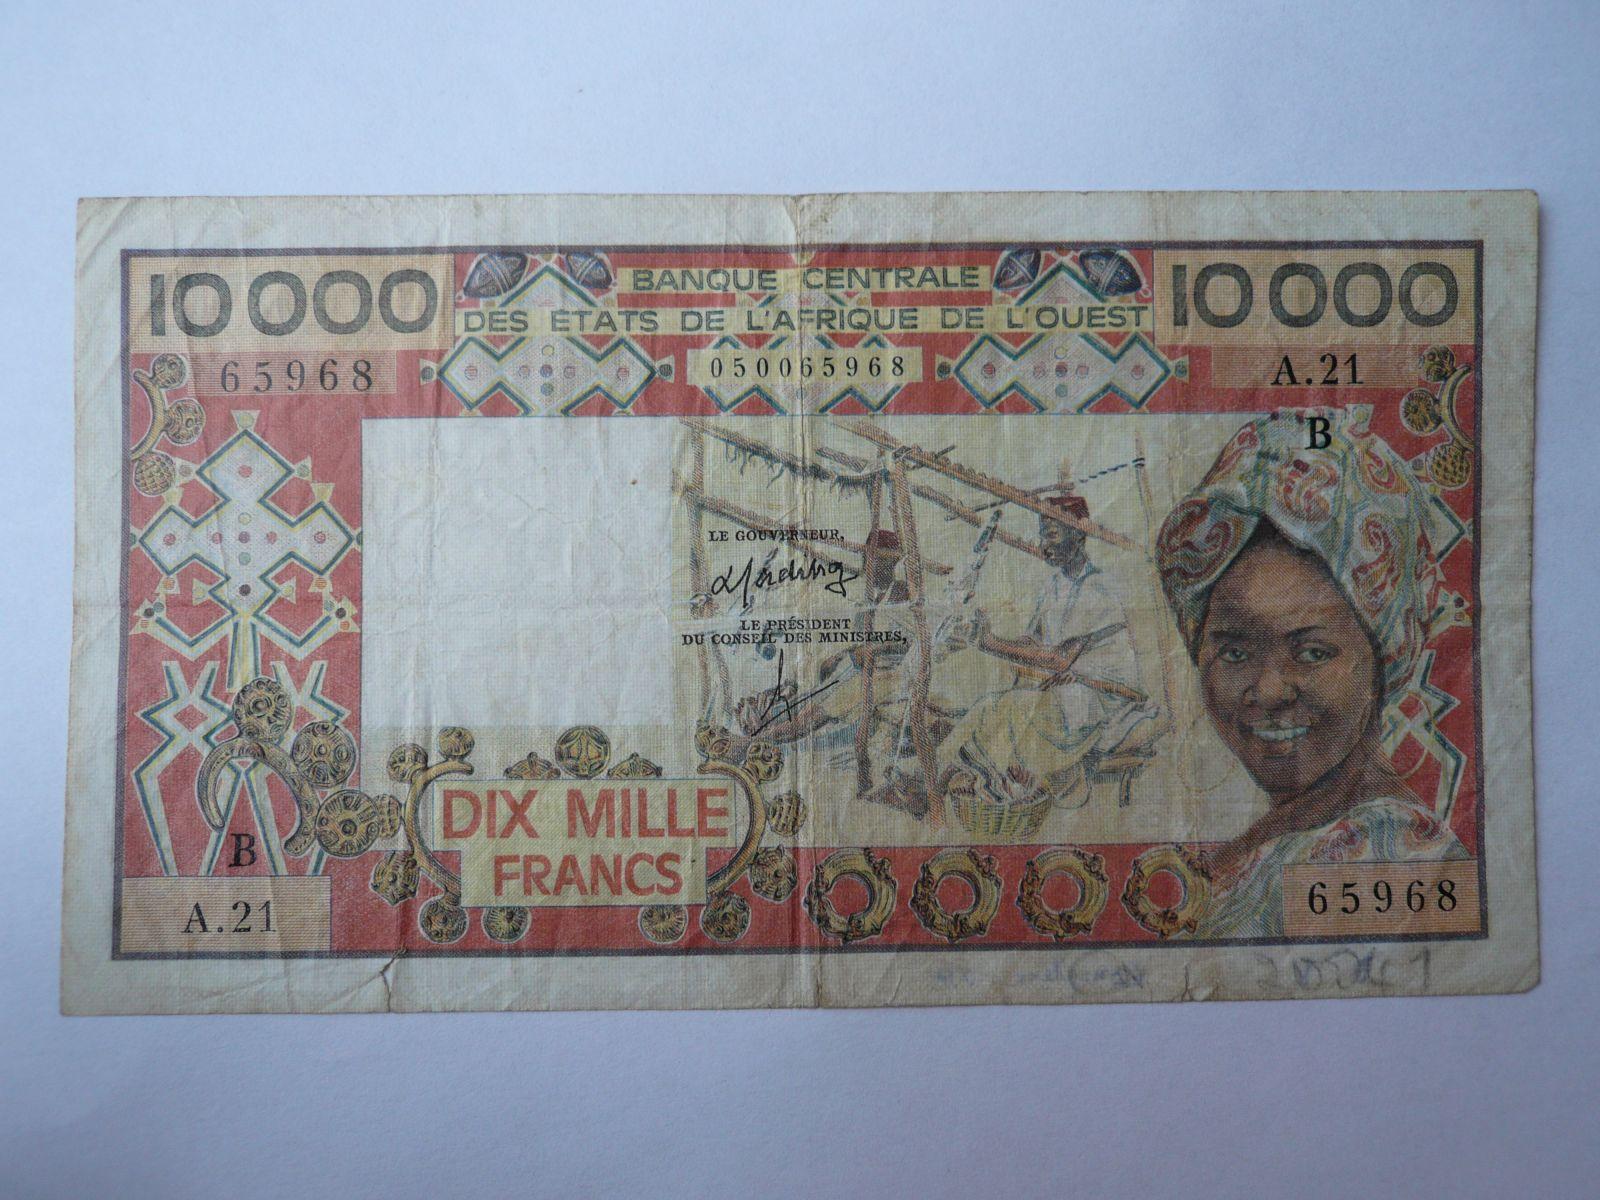 10000 Frank - přádelna, Benin